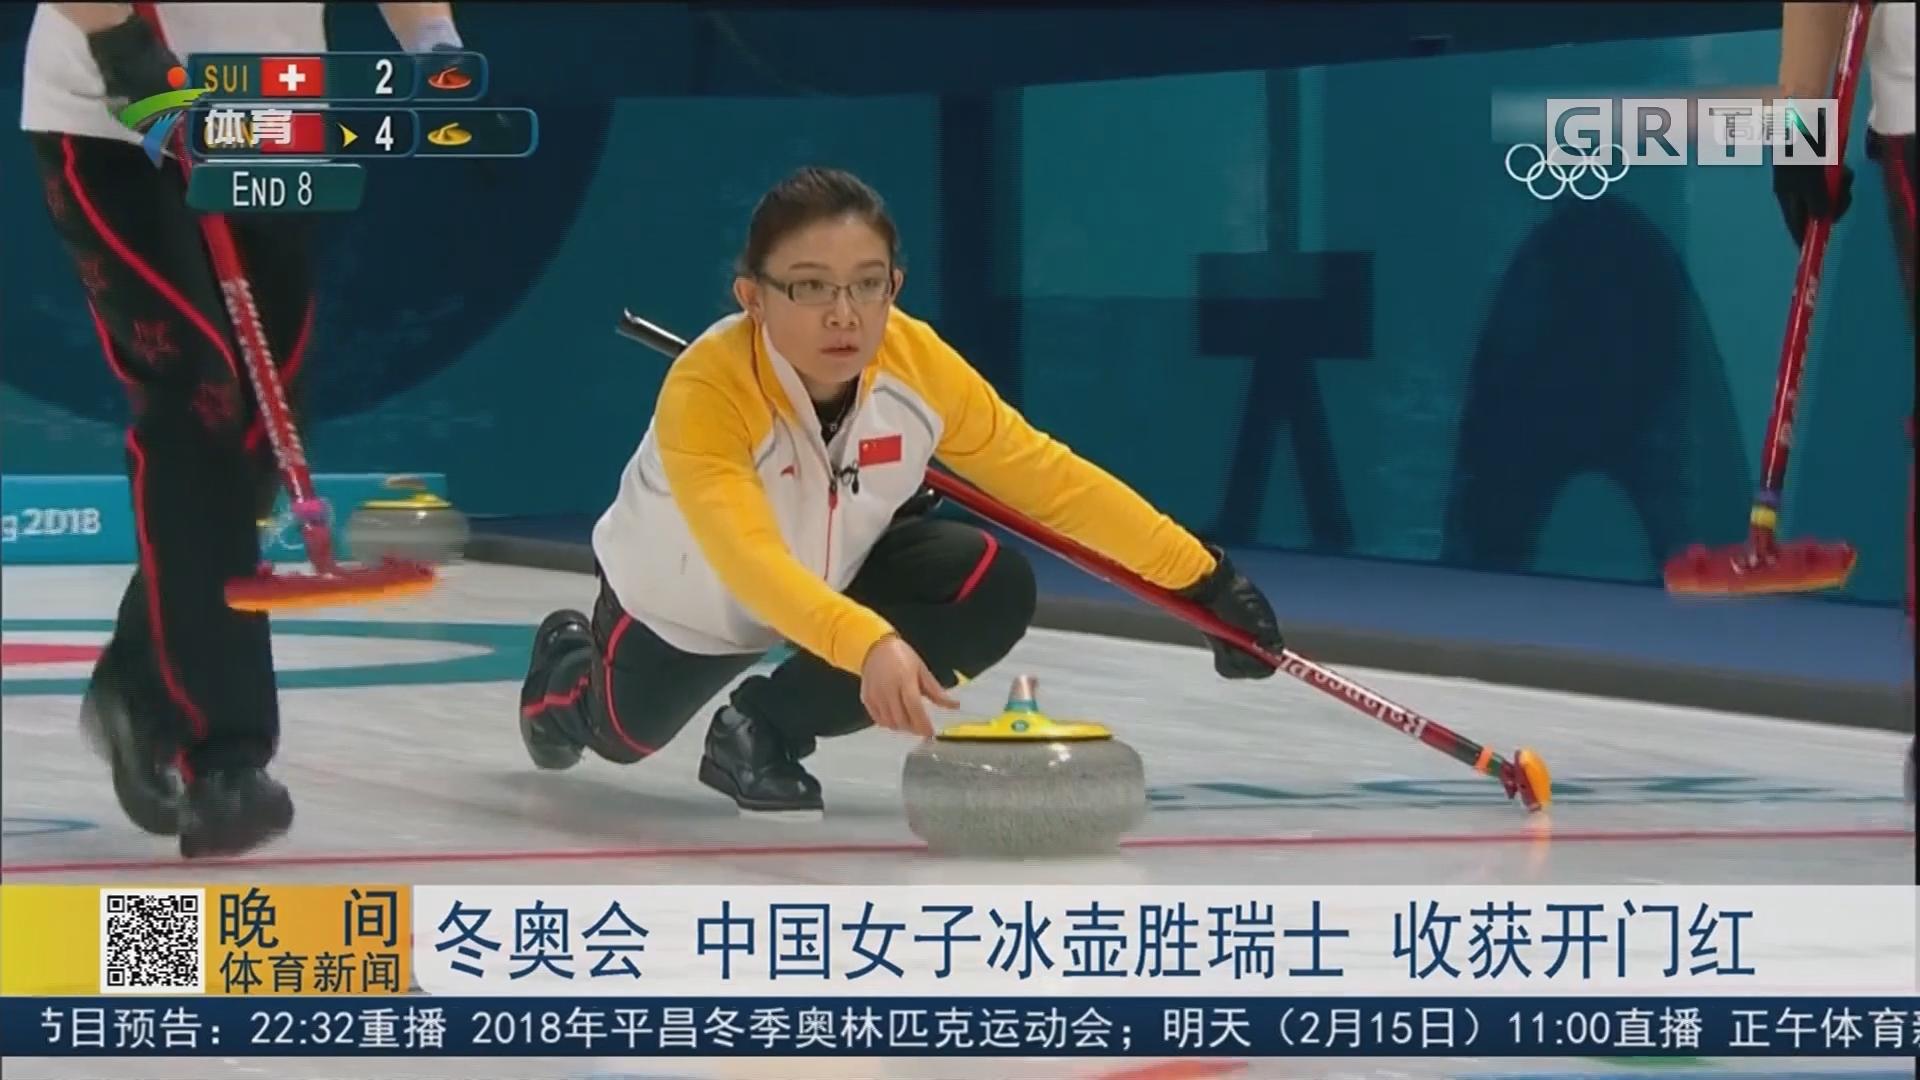 冬奥会 中国女子冰壶胜瑞士 收获开门红